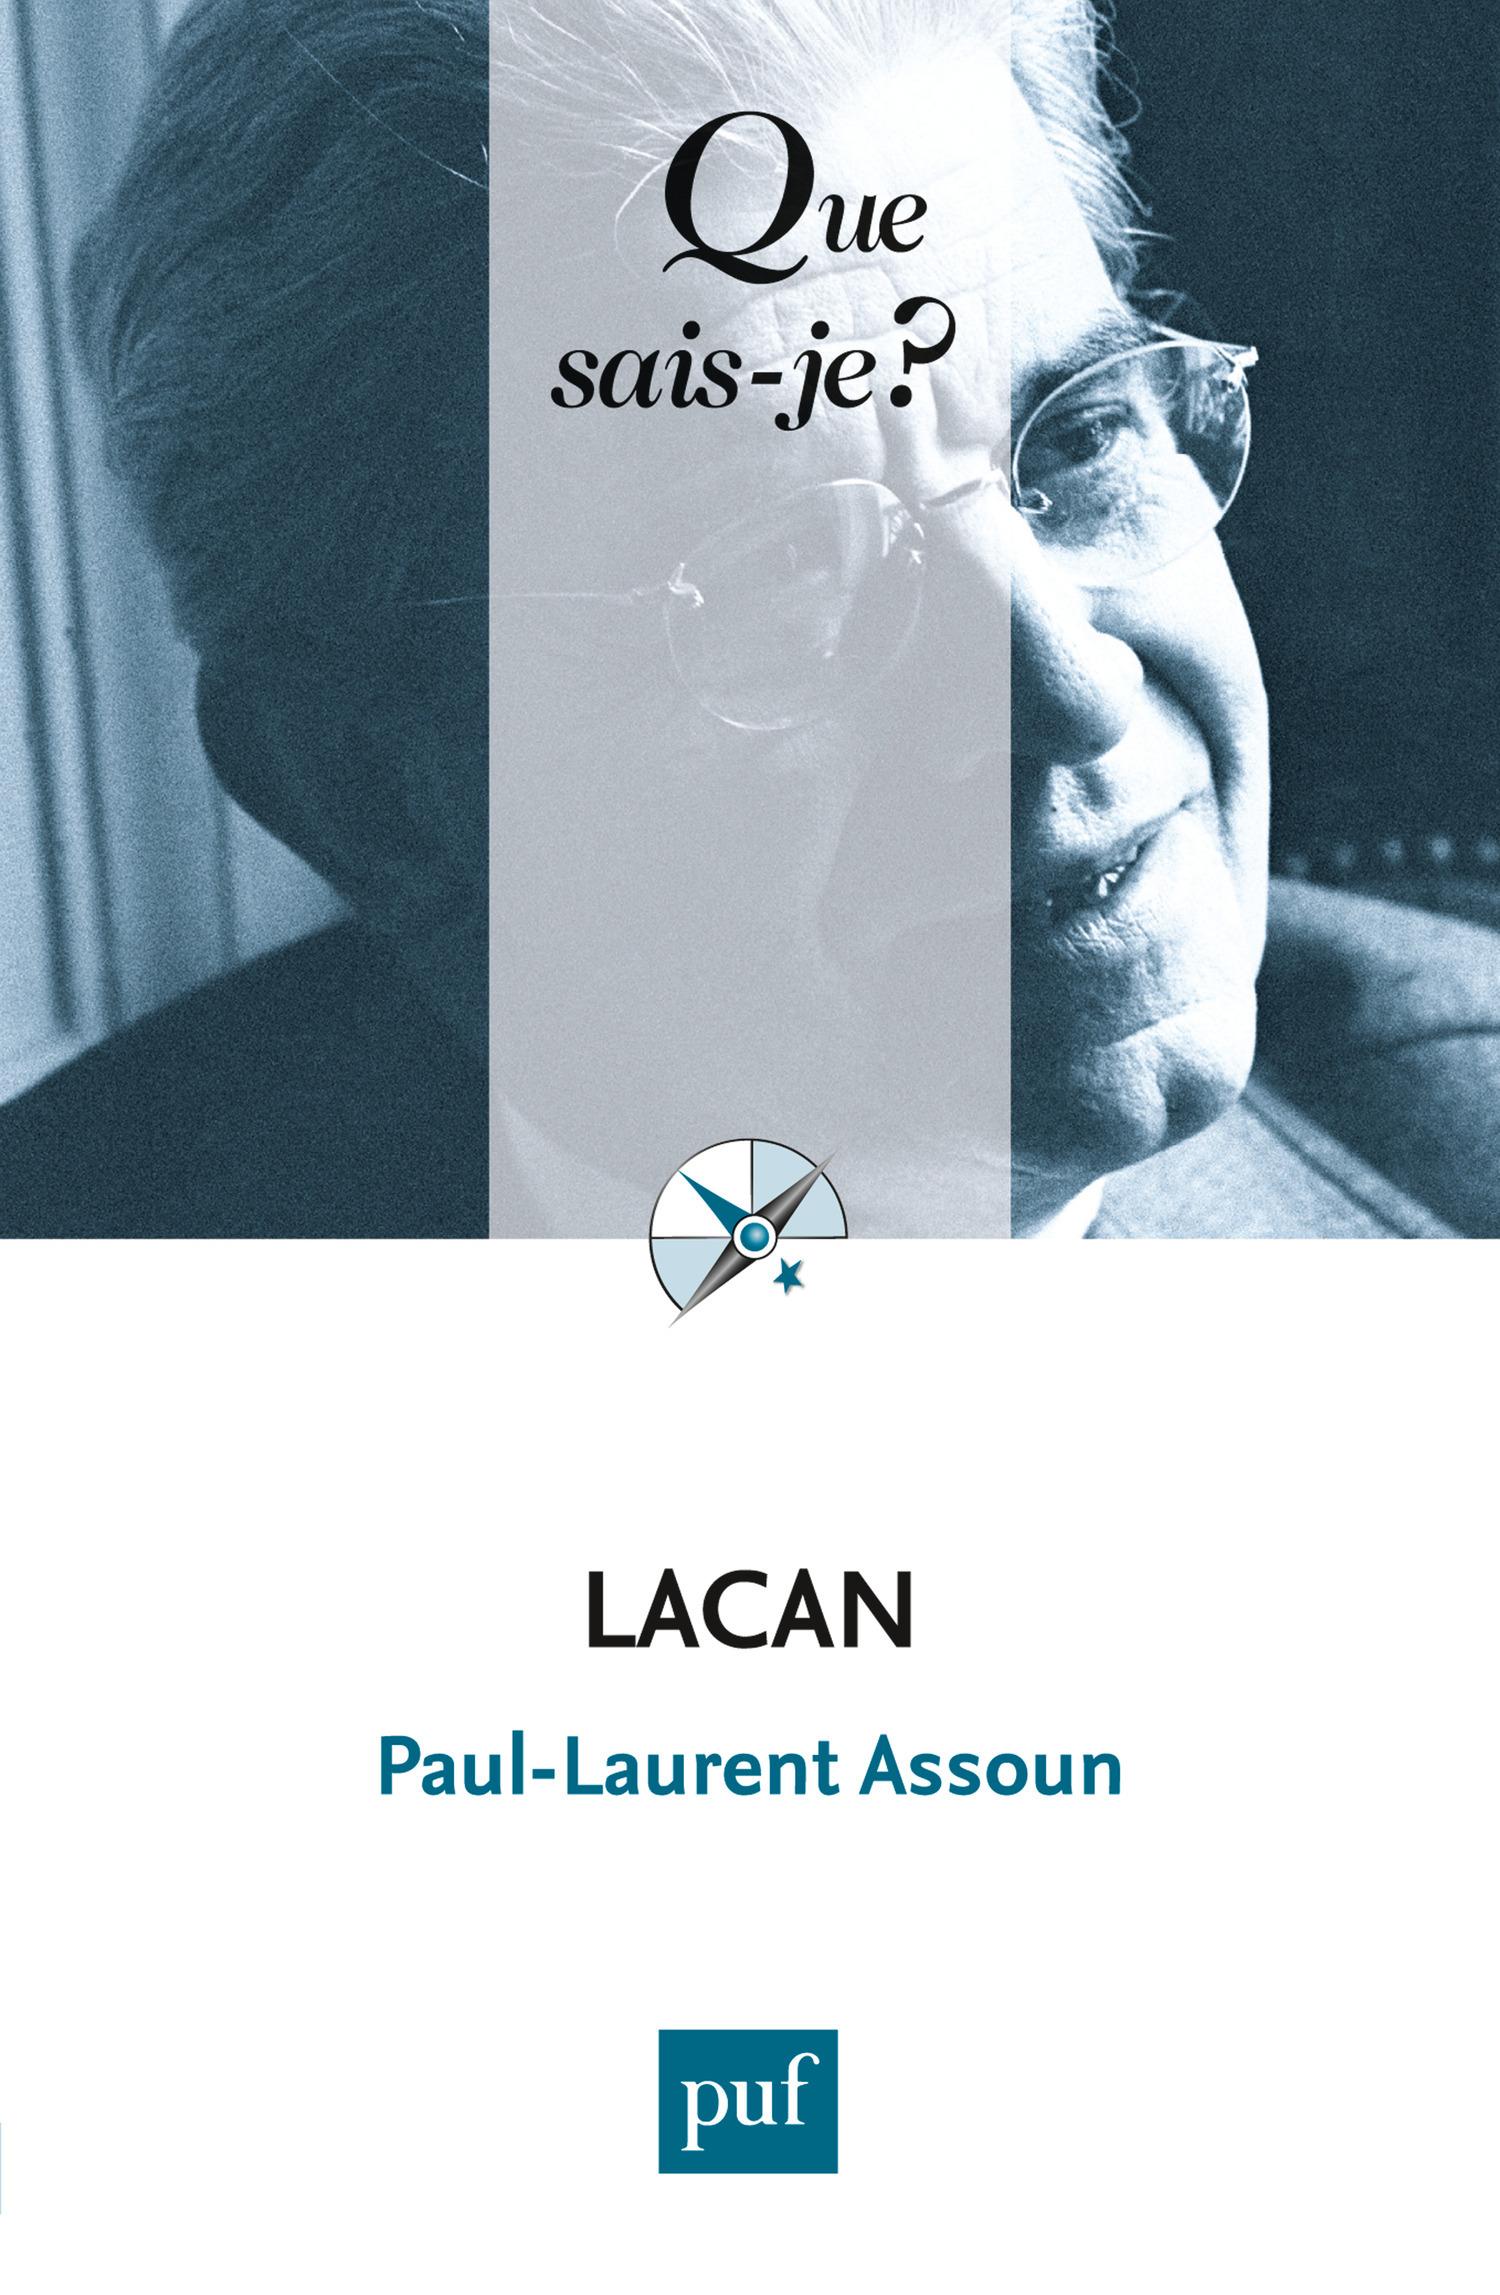 Paul-Laurent Assoun Lacan